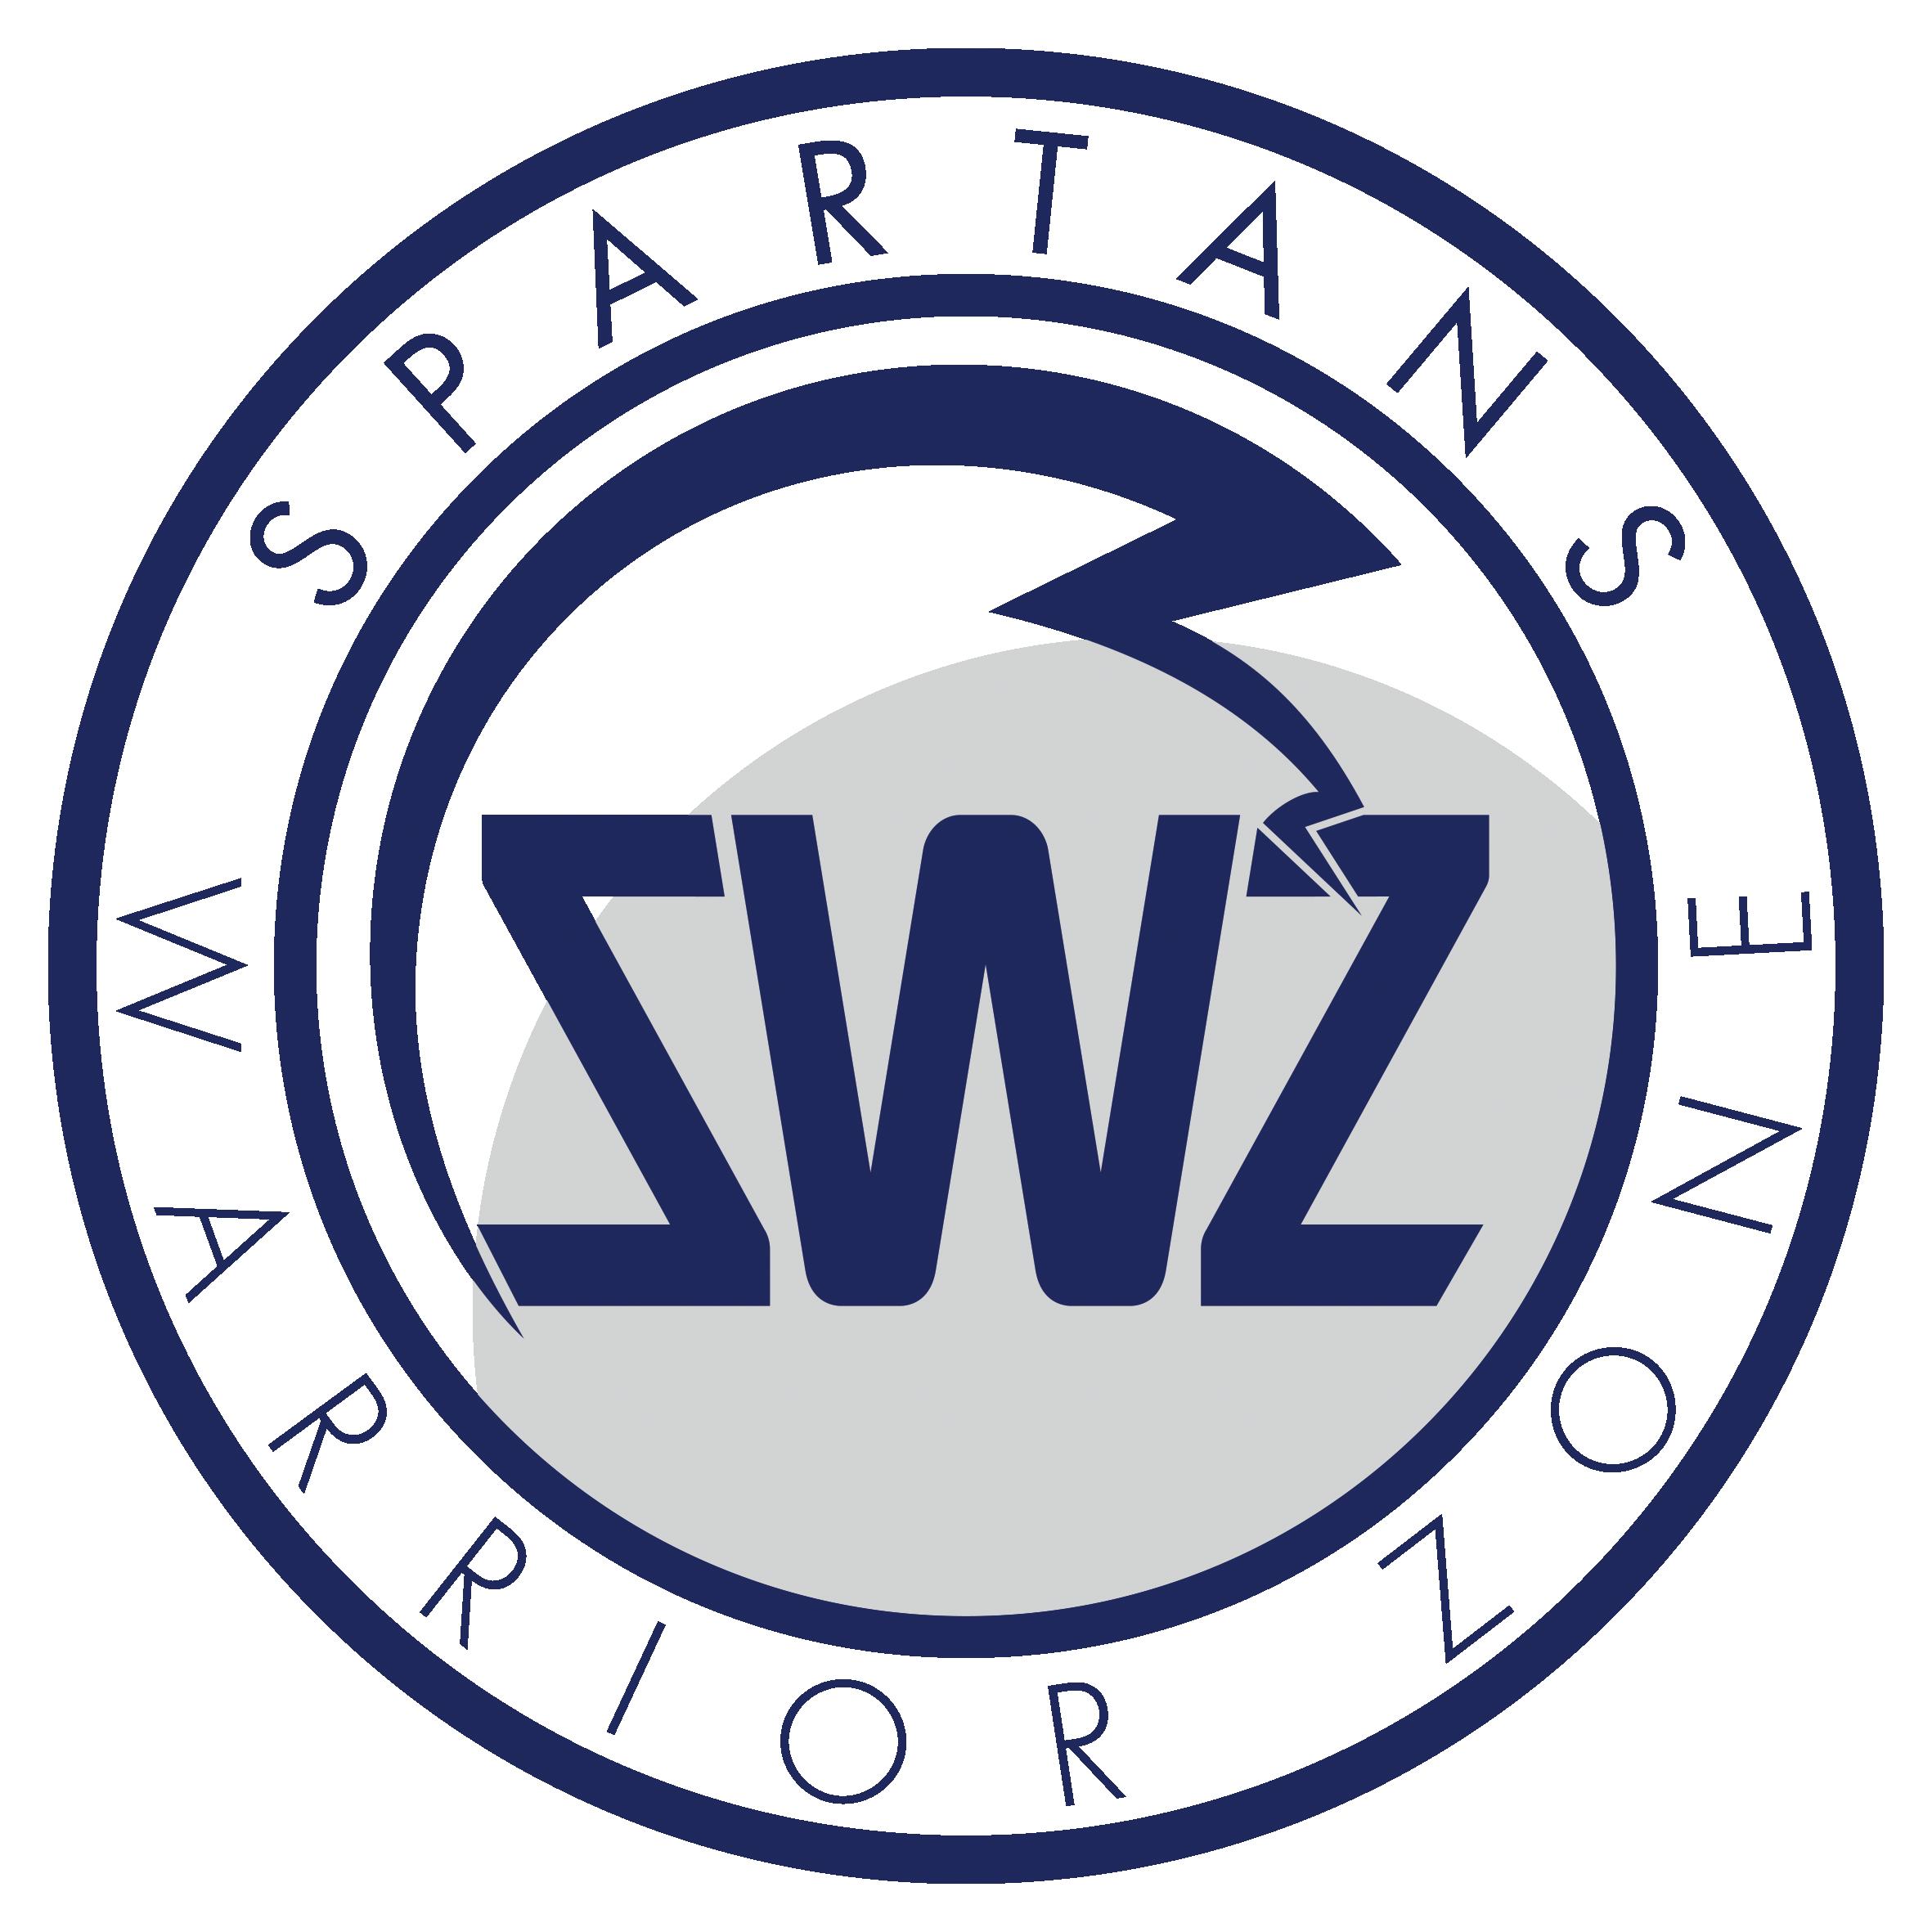 Spartans Warrior Zone